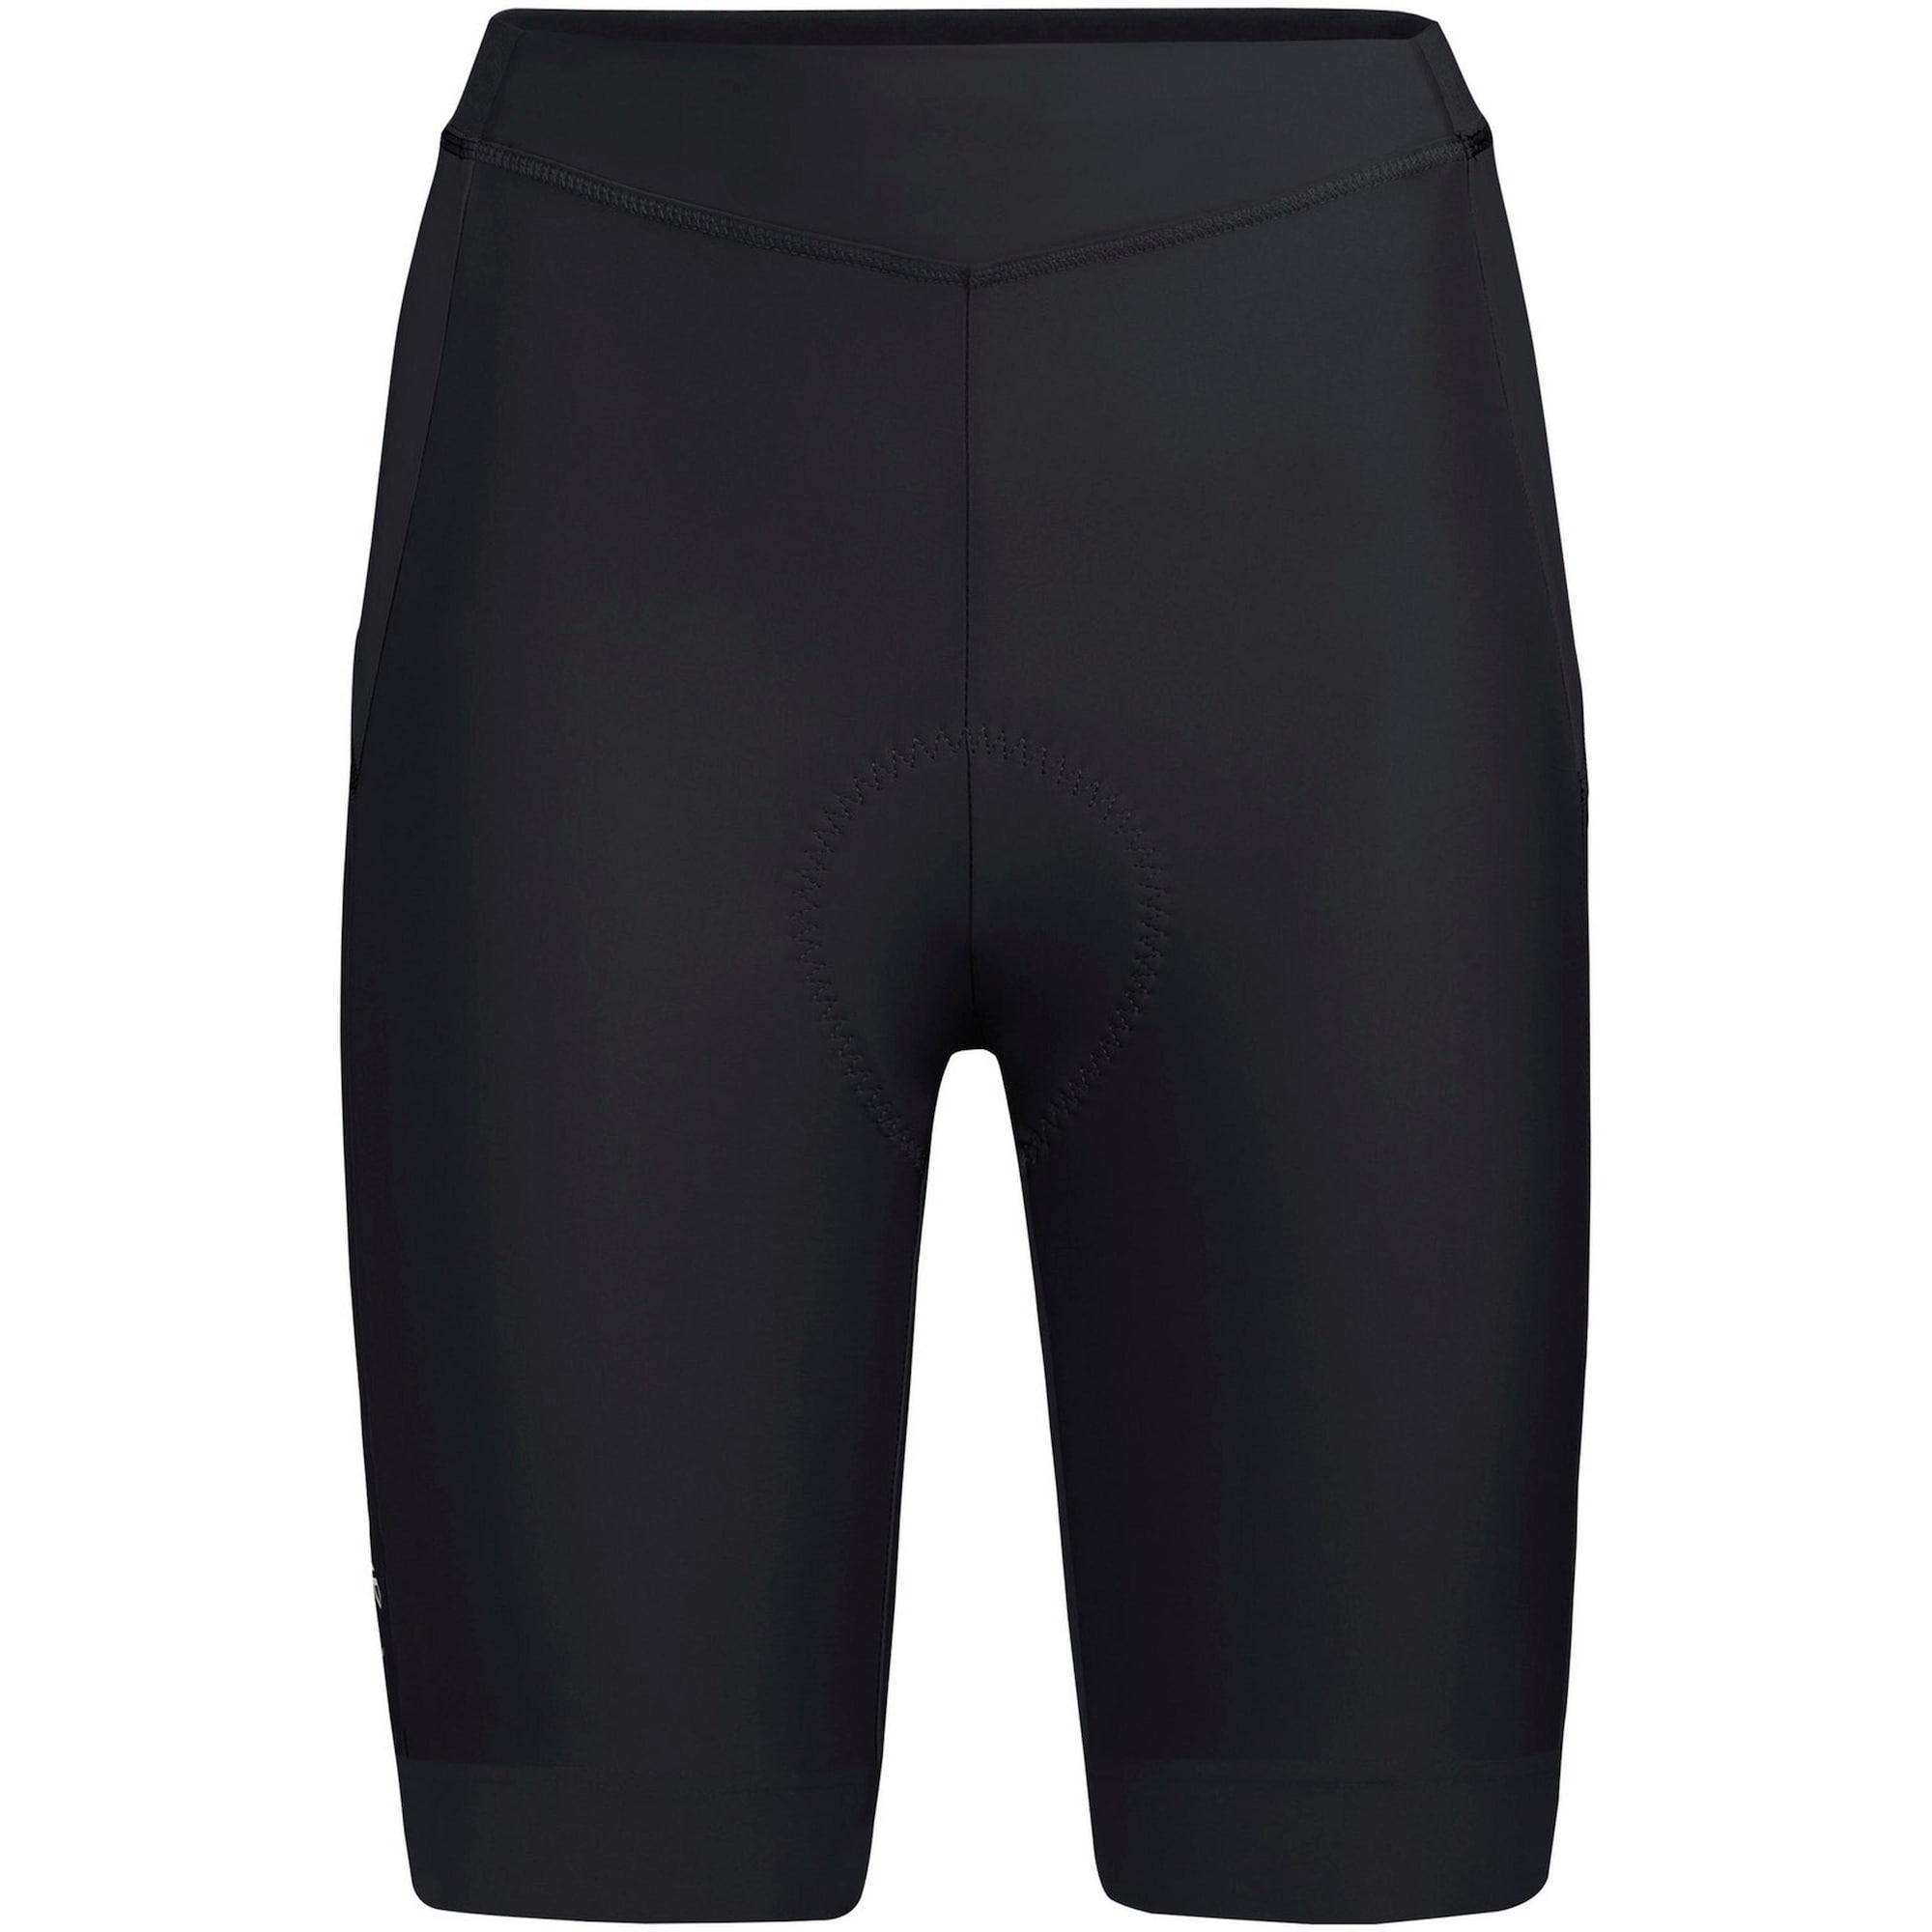 Fahrradhose 'Wo Advanced III'   Sportbekleidung > Sporthosen > Fahrradhosen   Vaude